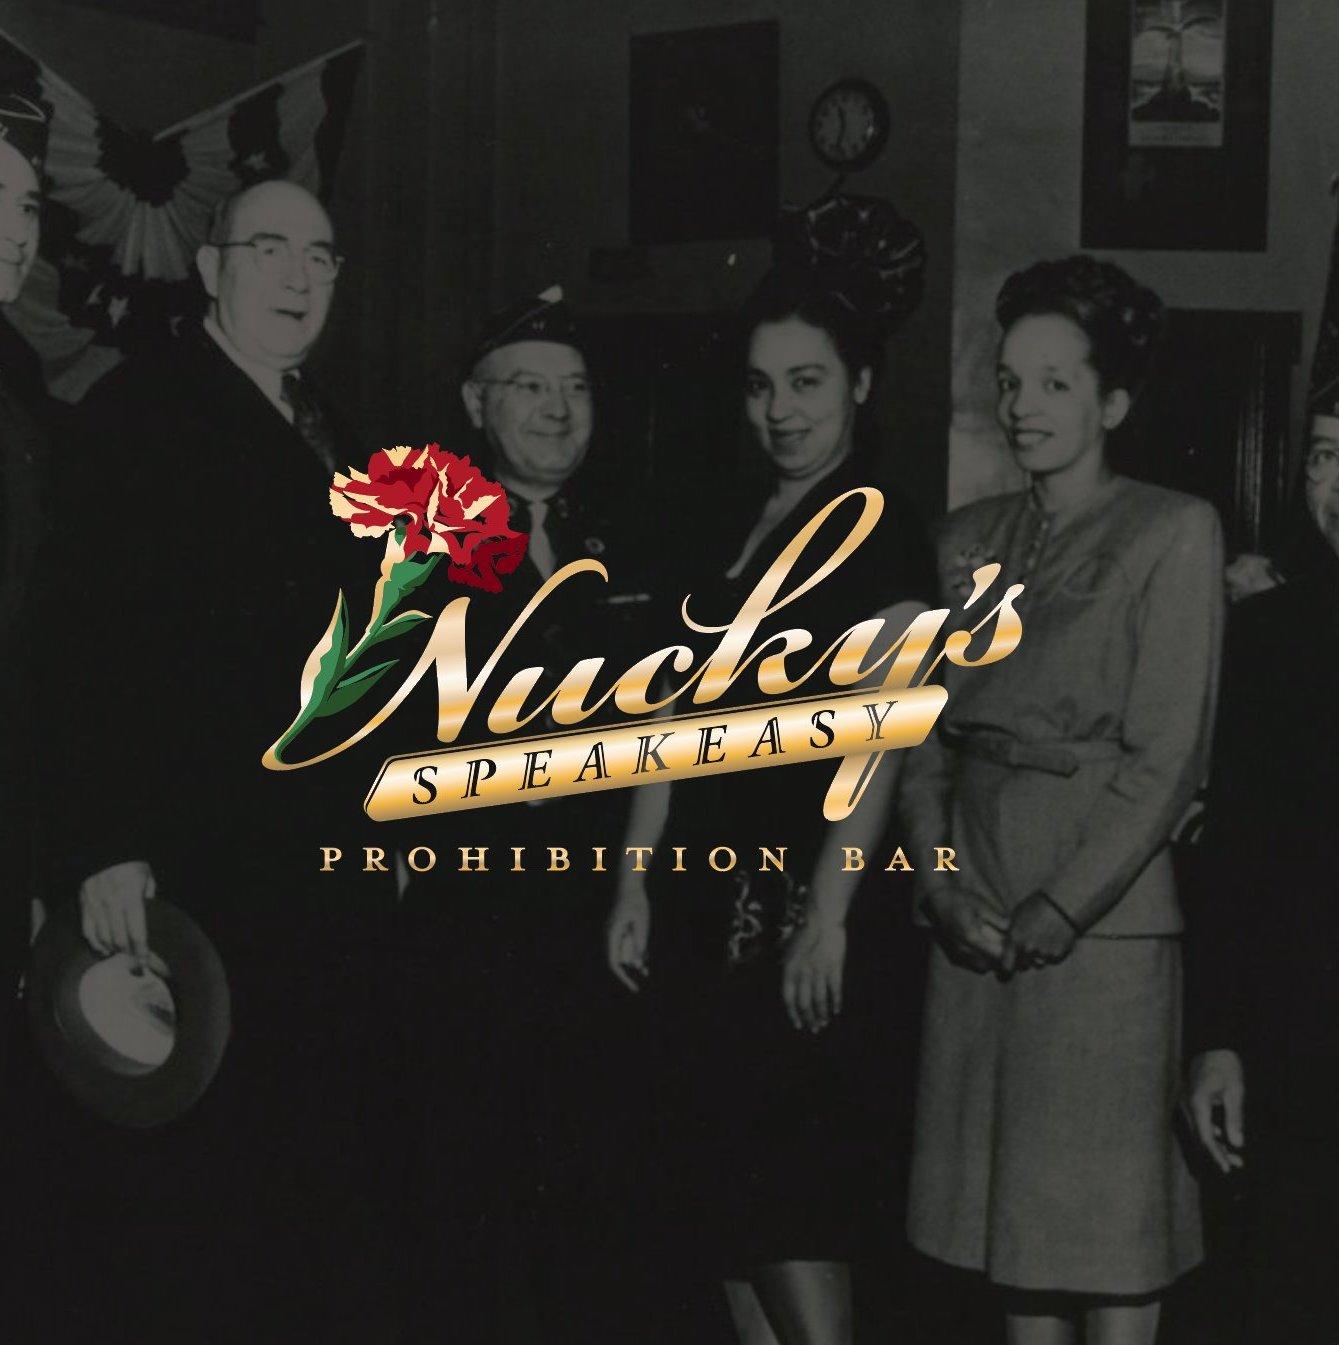 Nucky's Speakeasy